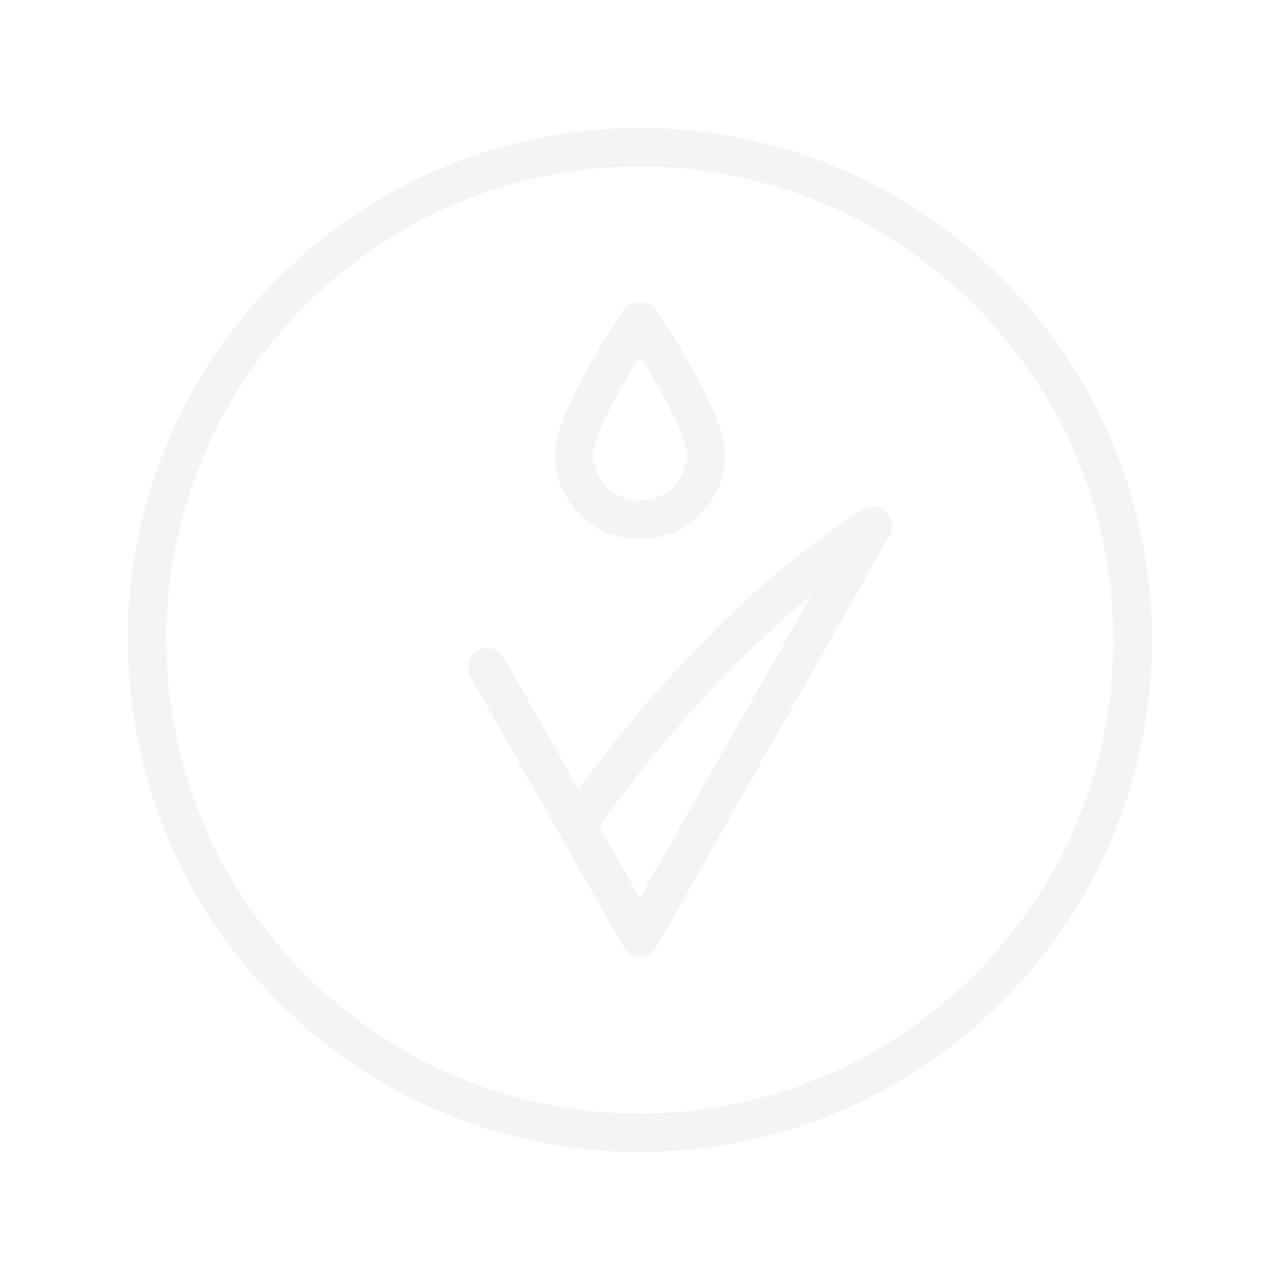 VICHY Ideal Soleil Anti-Sand Mist For Children SPF50 200ml